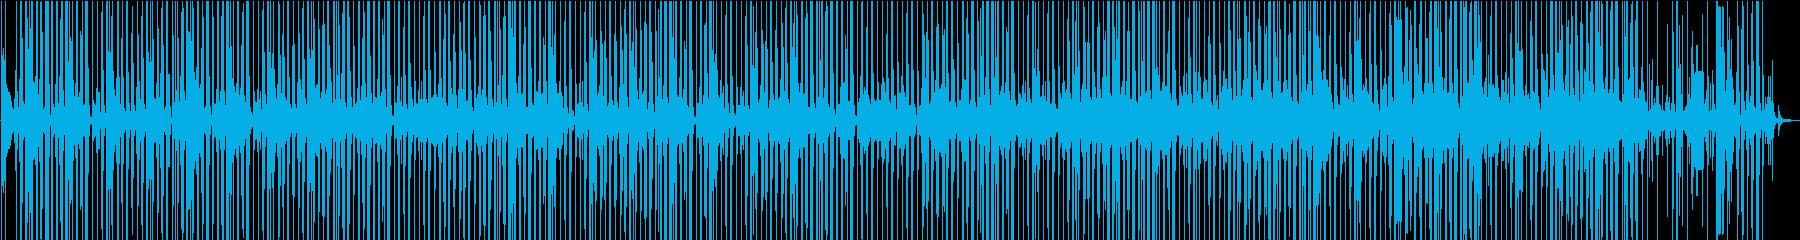 いびつなループ音楽の再生済みの波形